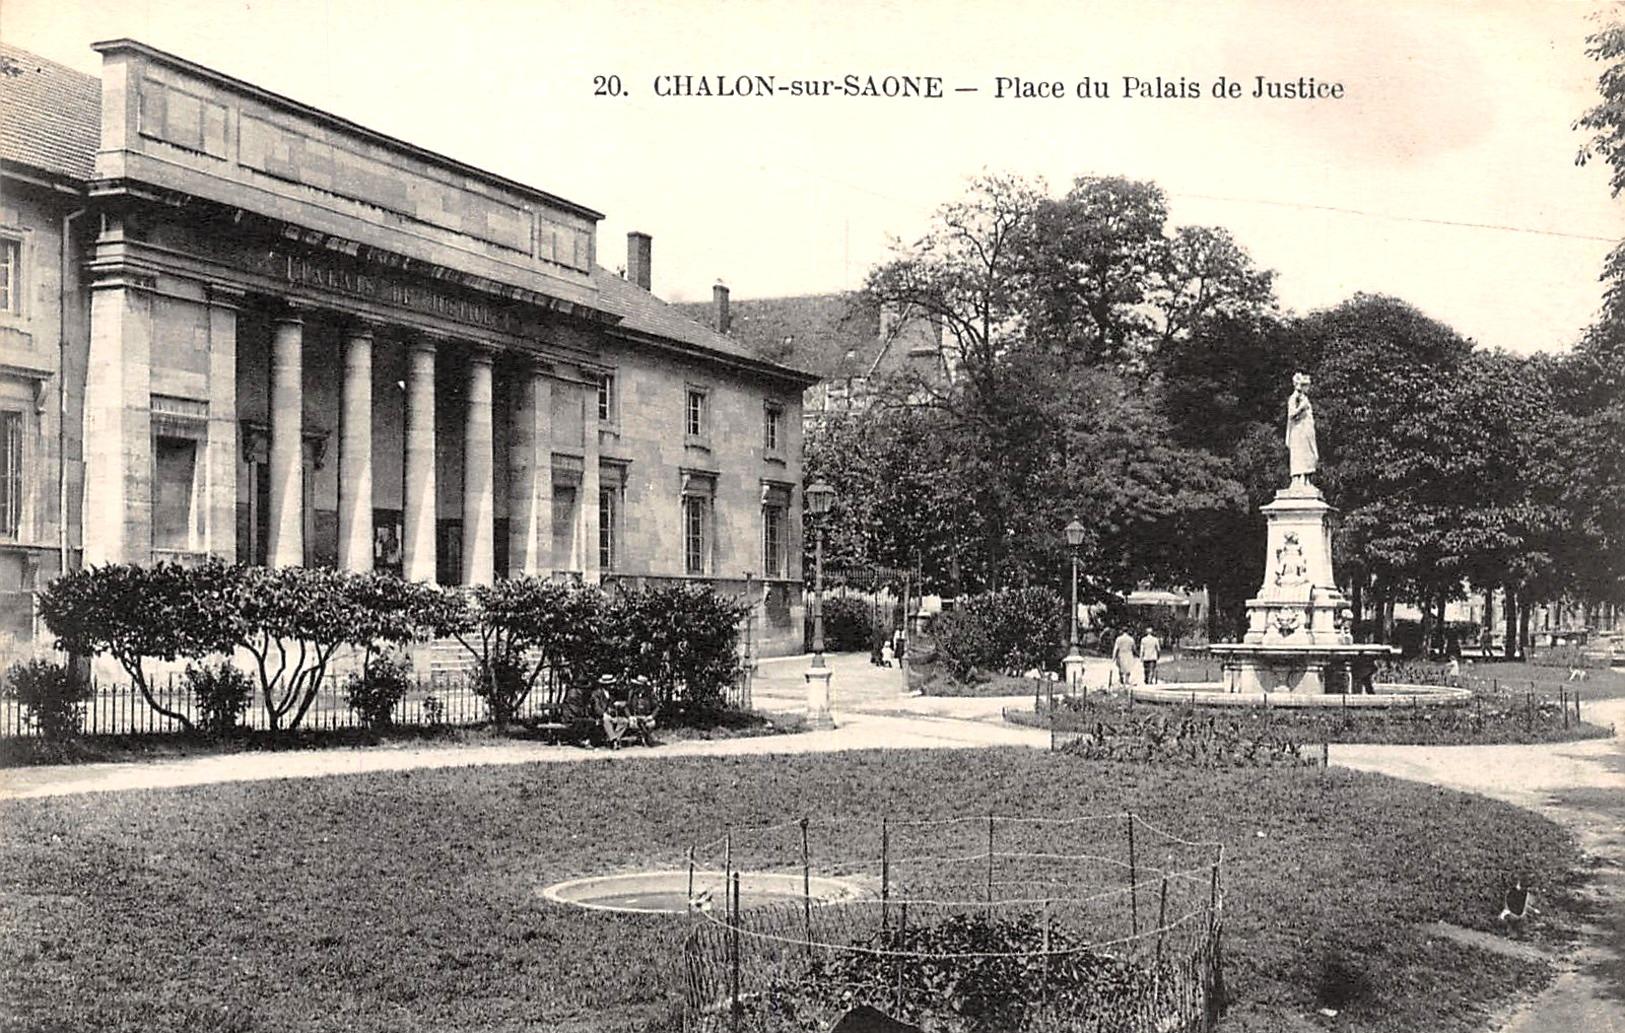 Chalon-sur-Saône (71) Palais de Justice CPA